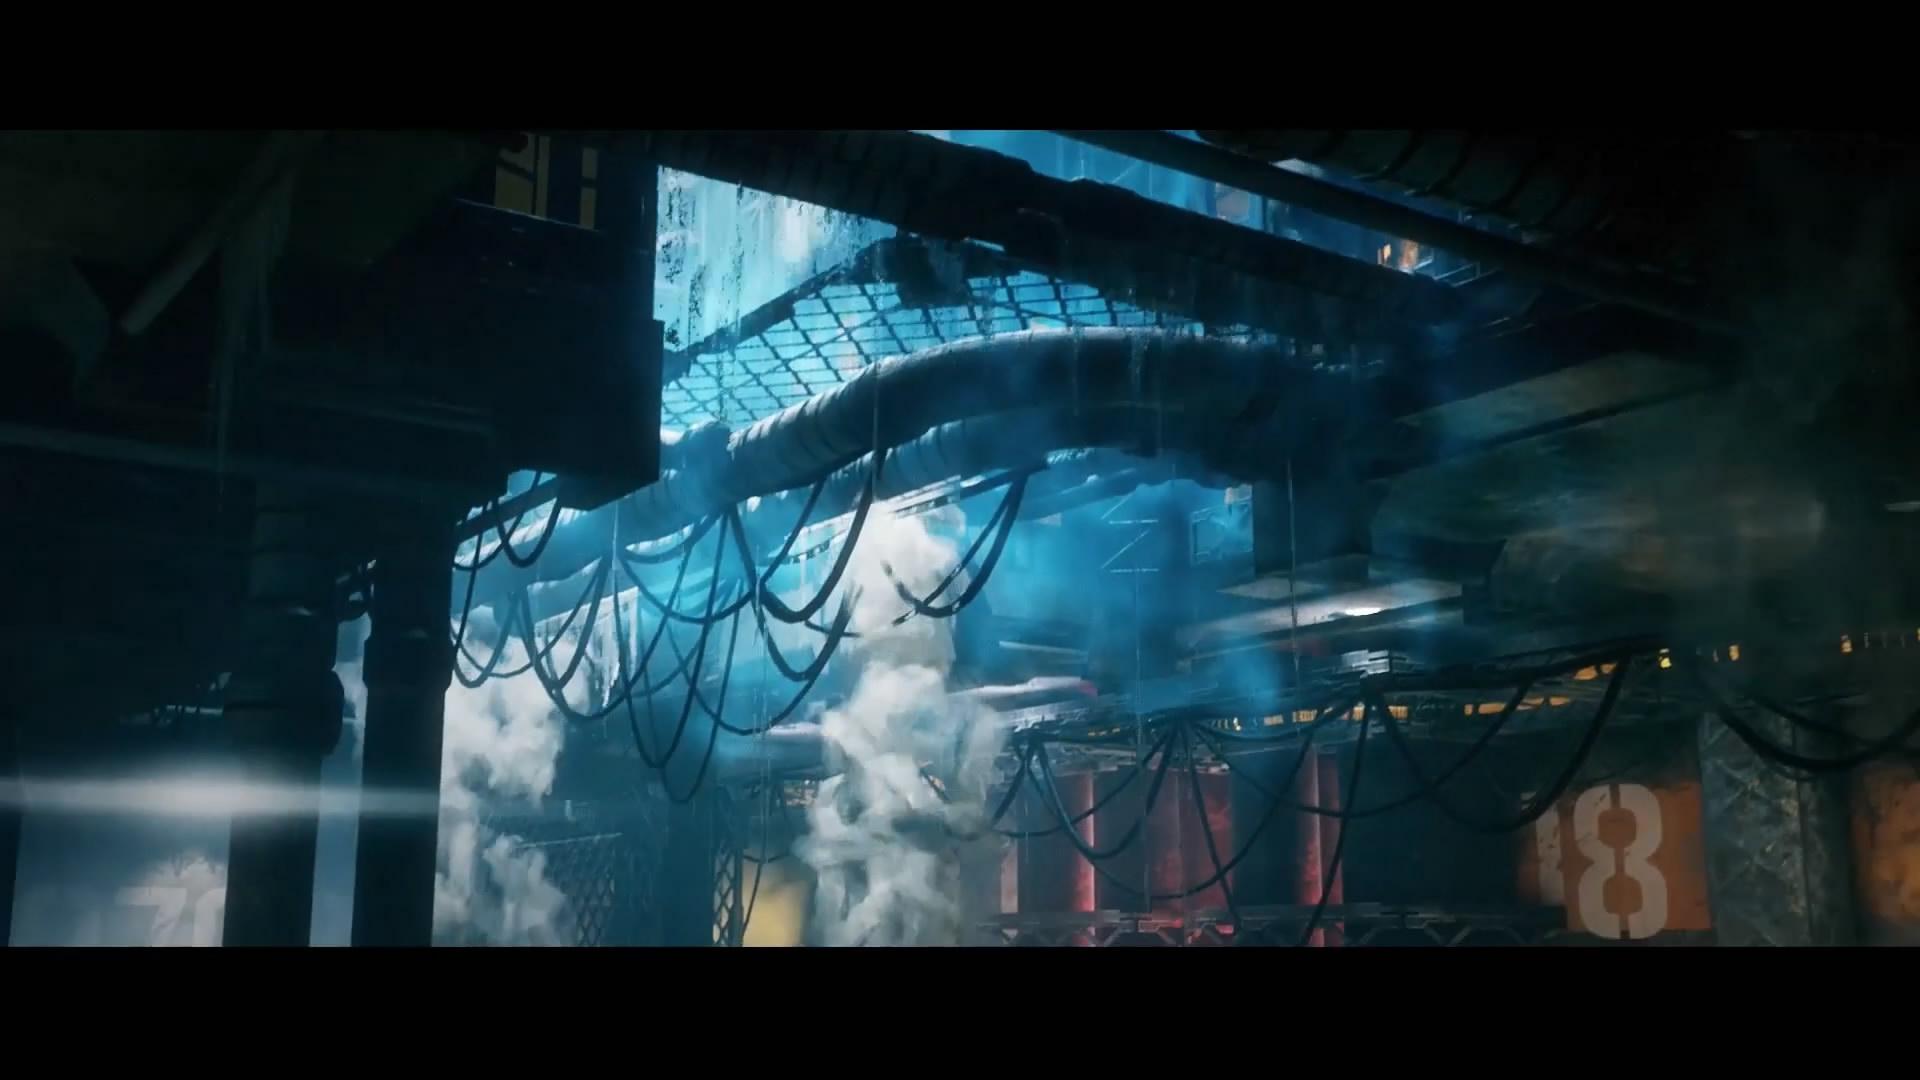 《幽灵行者》新预告片  《耻辱》《银翼杀手》合体